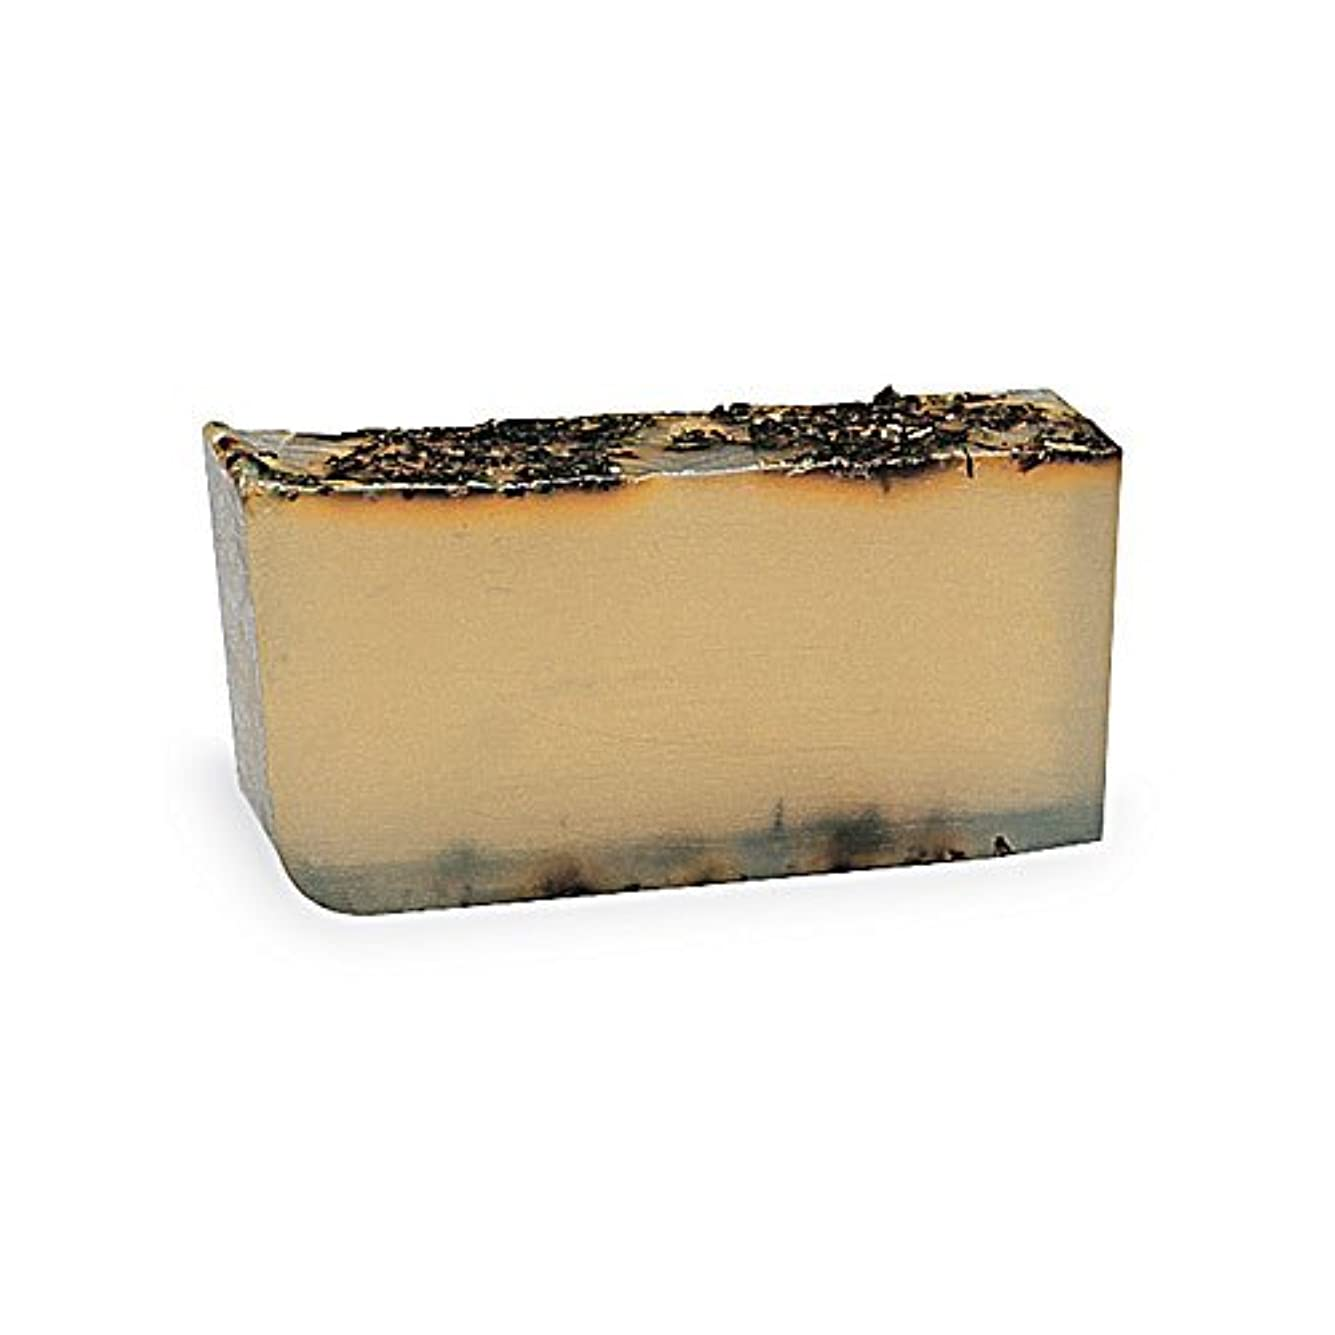 運命コレクションオーストラリアプライモールエレメンツ アロマティック ソープ プライモールディフェンス 180g 植物性 ナチュラル 石鹸 無添加